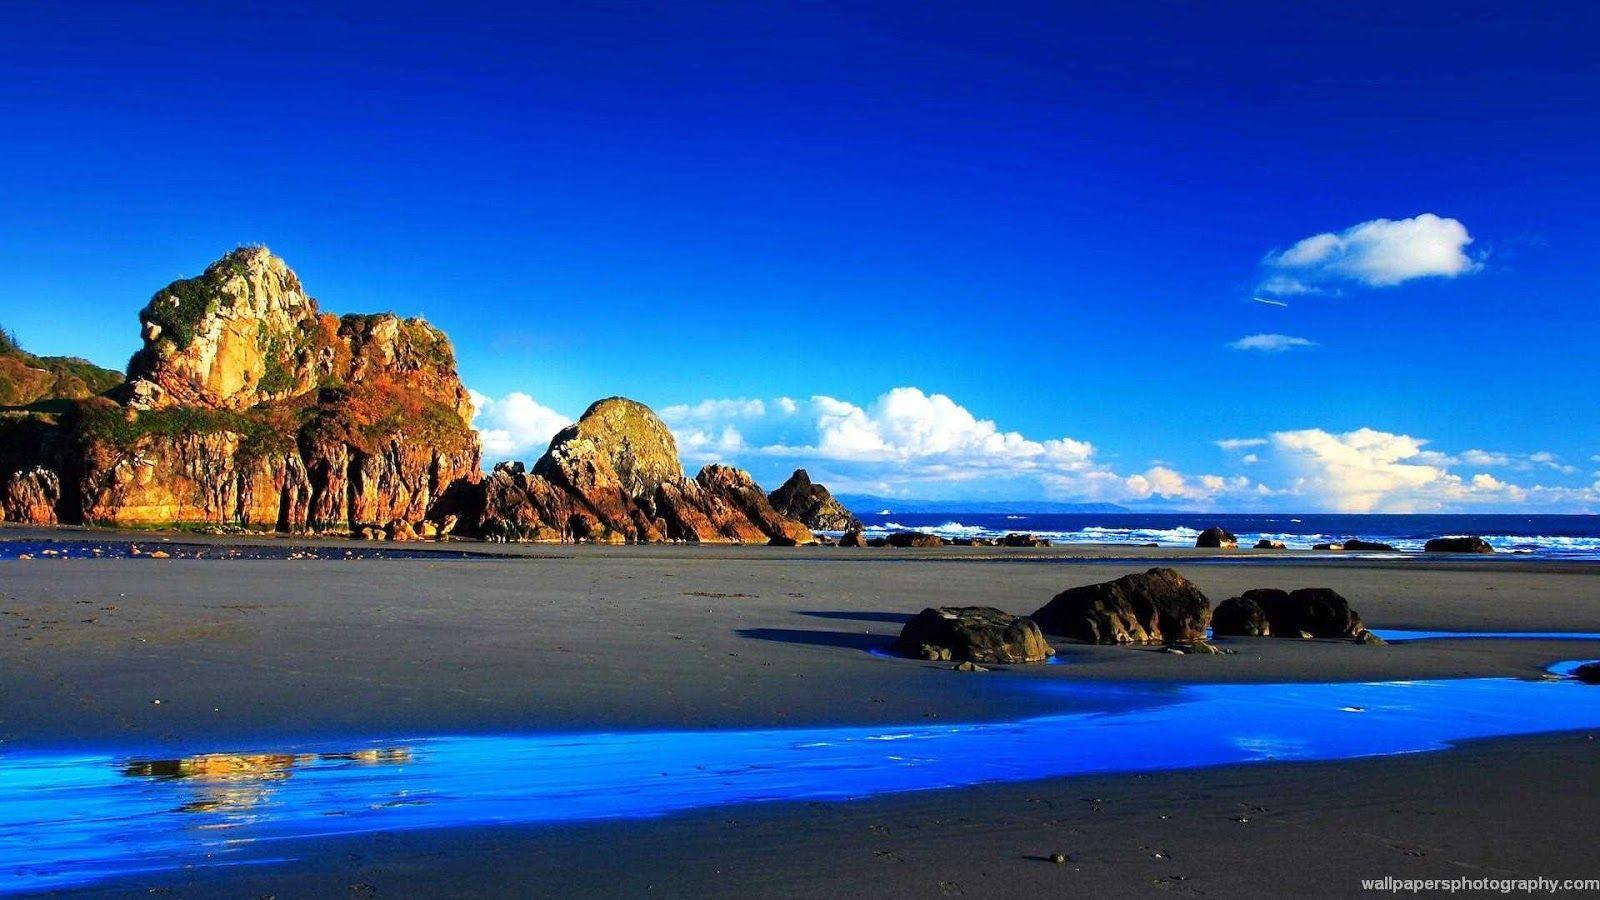 خلفيات طبيعية عالية الجودة 4k Ultra Hd Tecnologis Beach Wallpaper Landscape Wallpaper Scenery